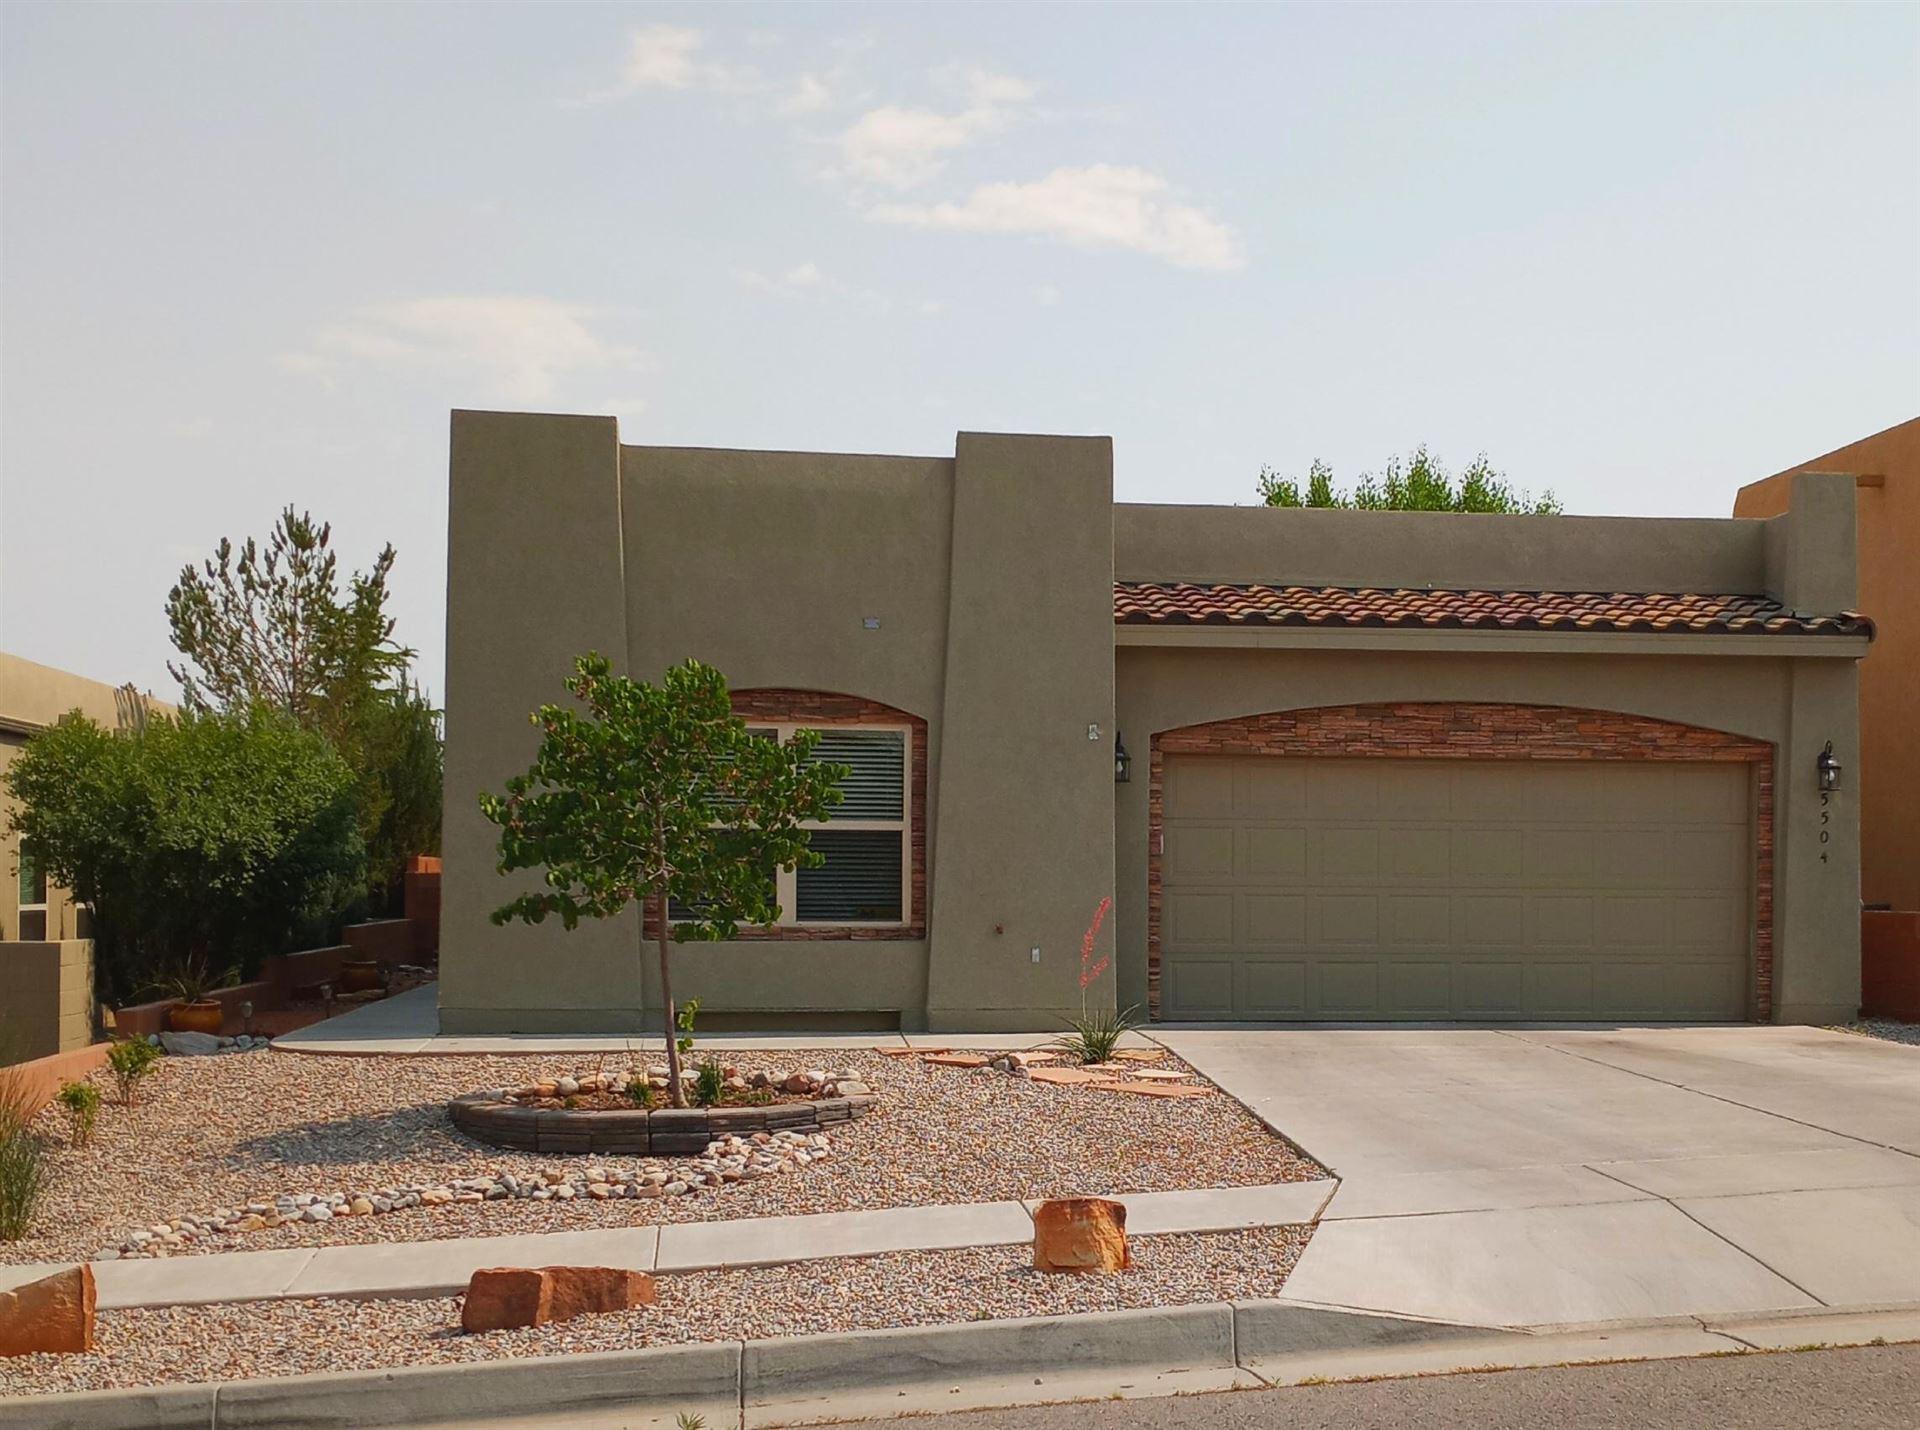 Photo of 5504 N COSTA UERDE Road NW, Albuquerque, NM 87120 (MLS # 994668)